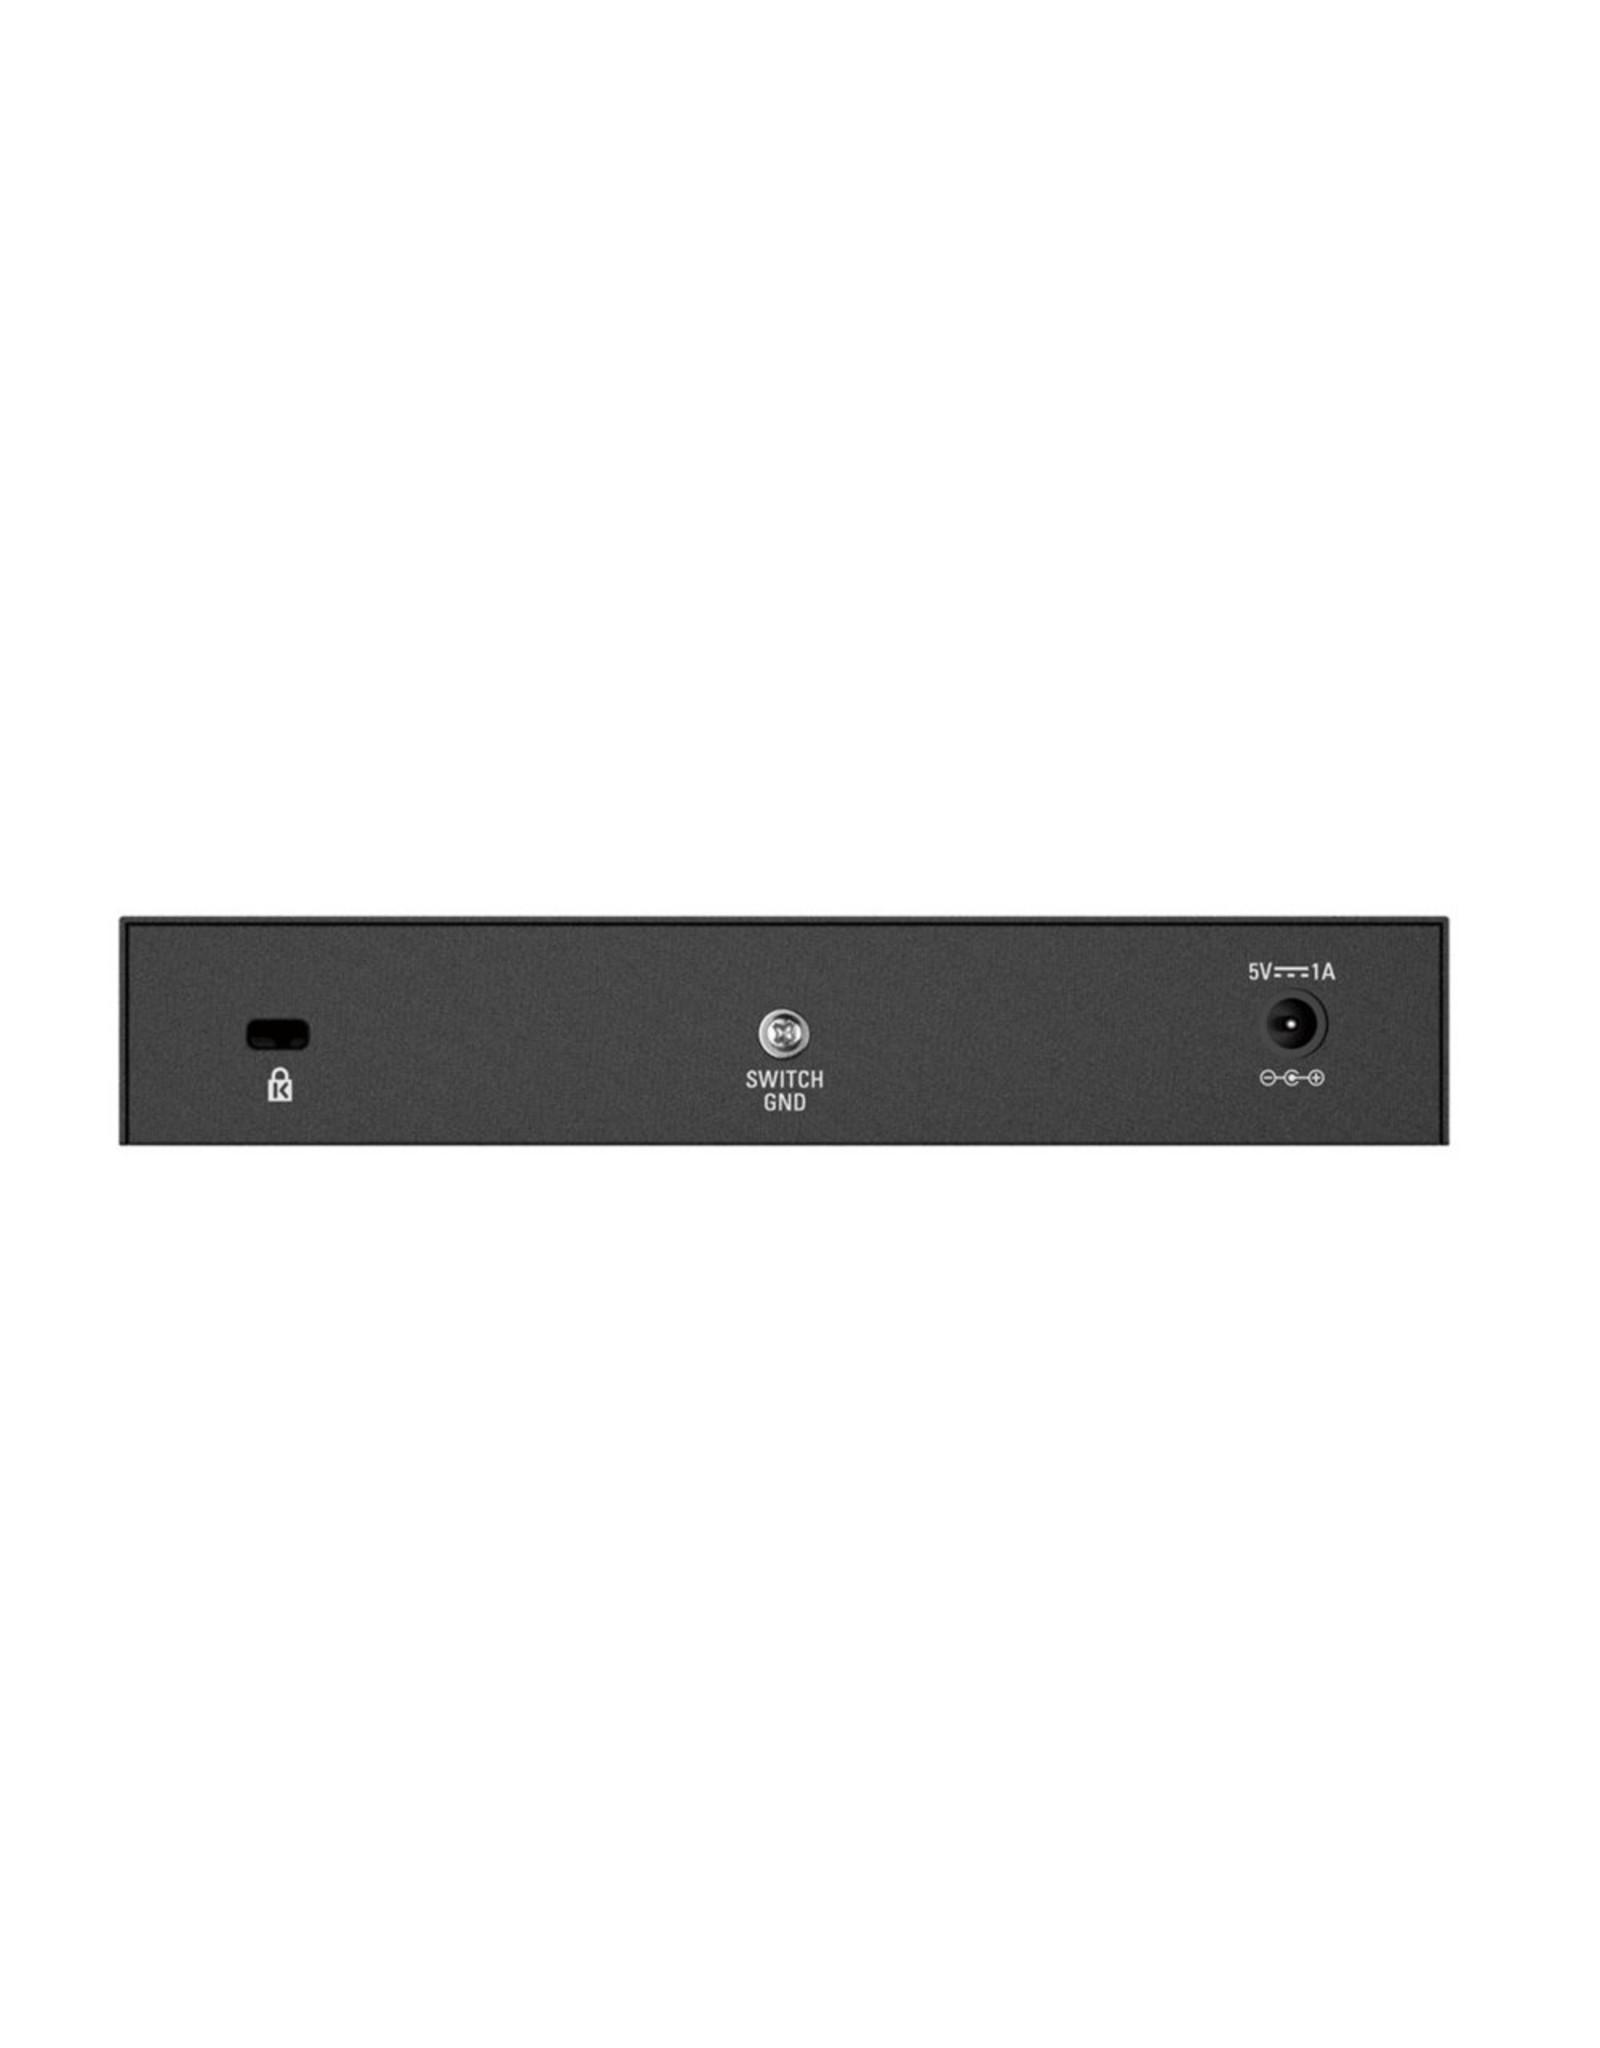 D-LINK D-Link DGS-108 8-Port 10/100/1000 Desktop Switch Black